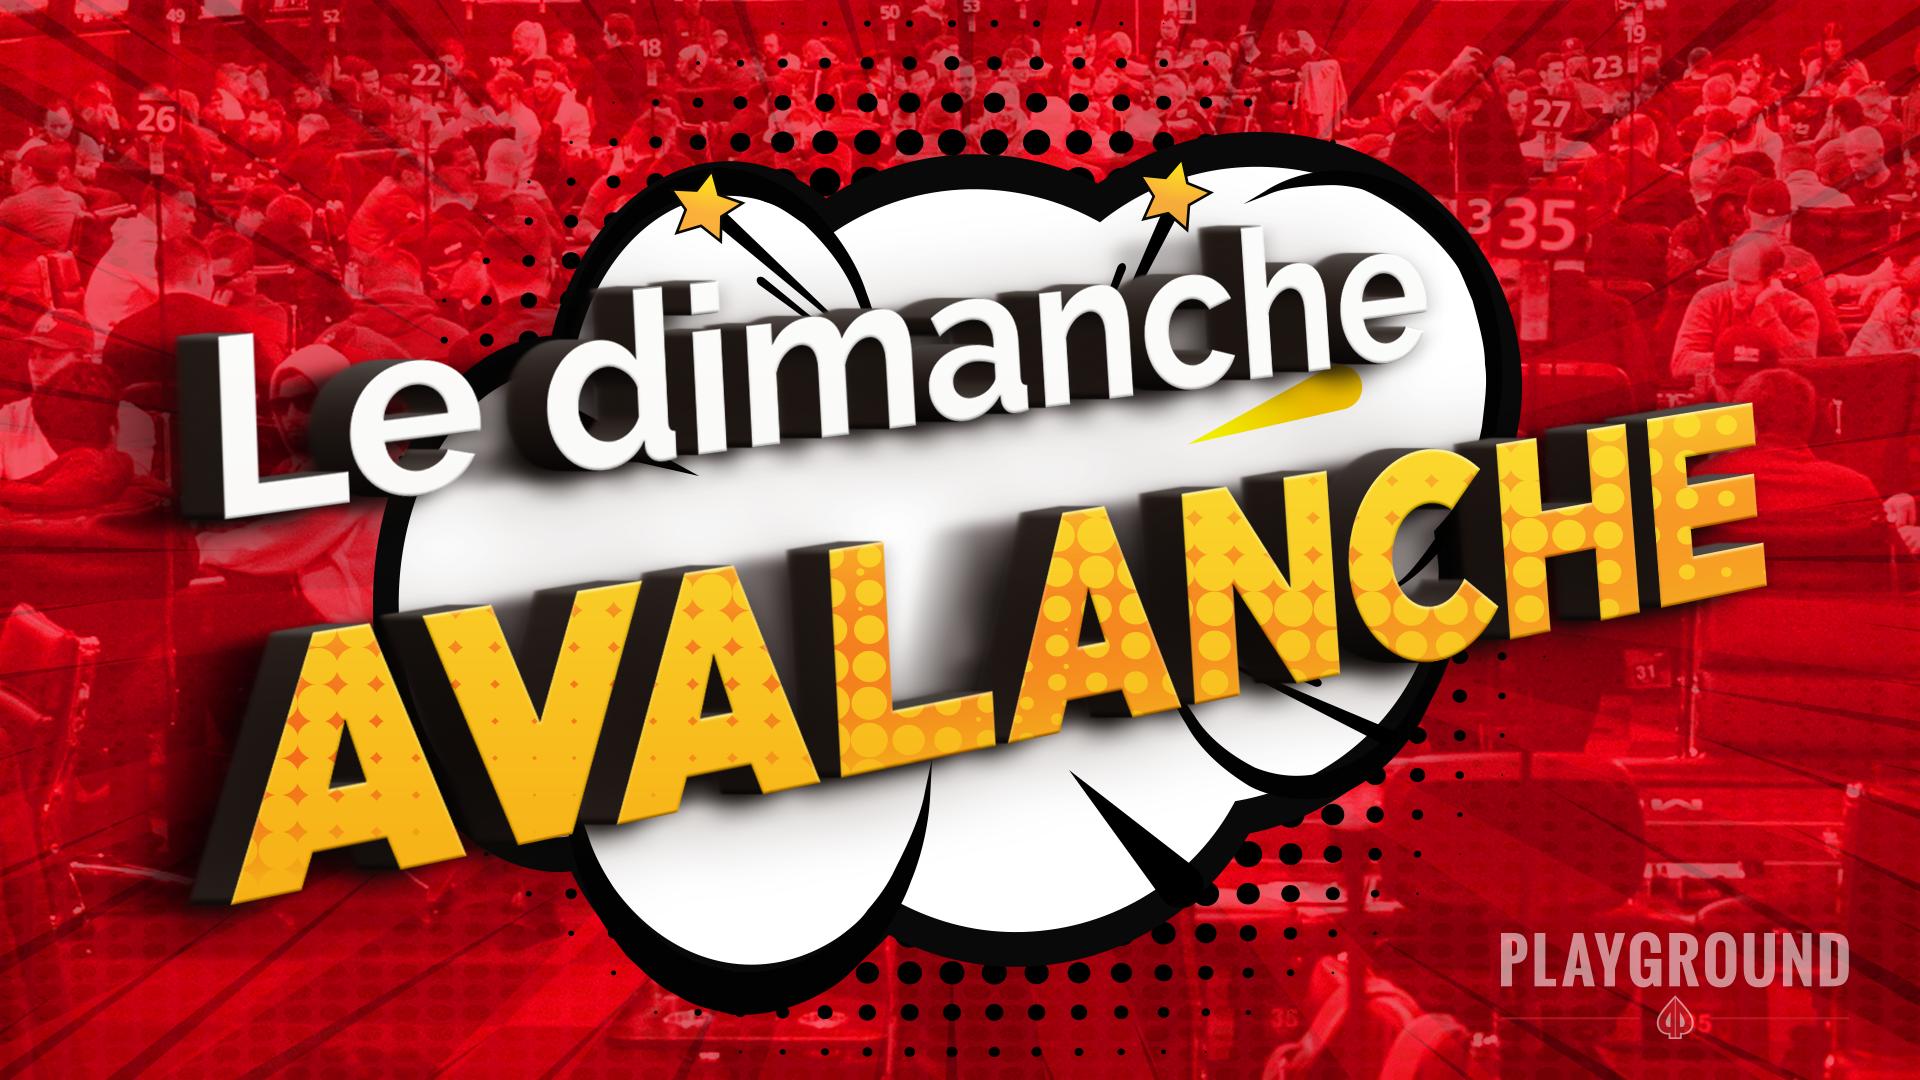 Le Dimanche Avalanche: une promotion monstrueuse!